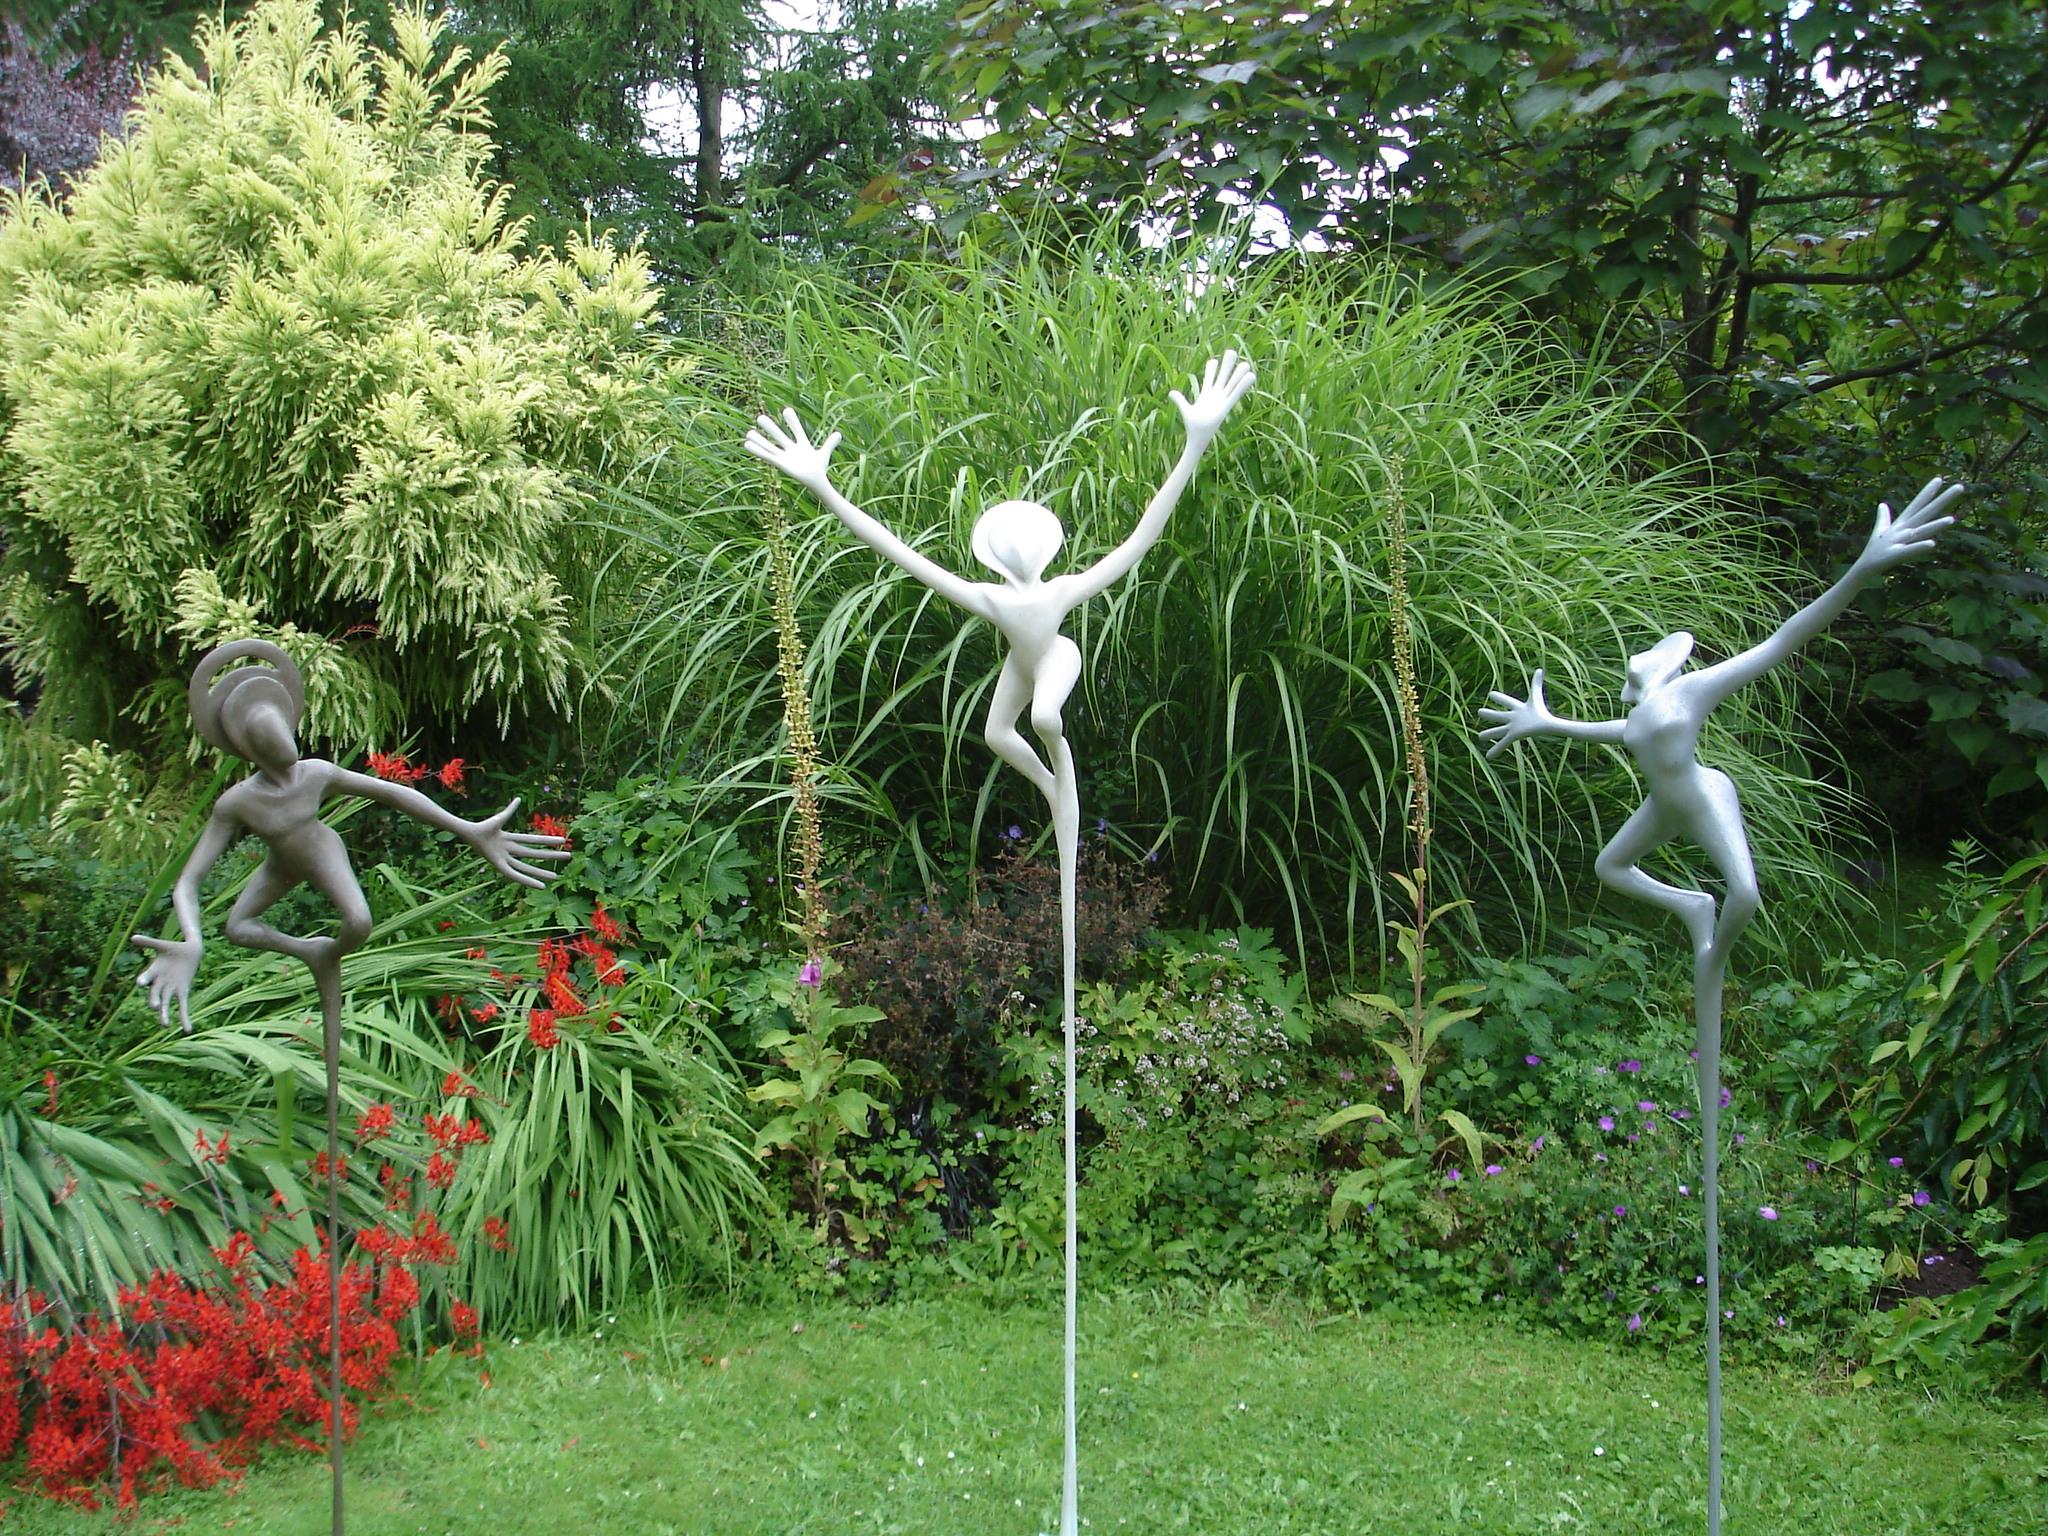 Flying Figures by Faith Bebbington